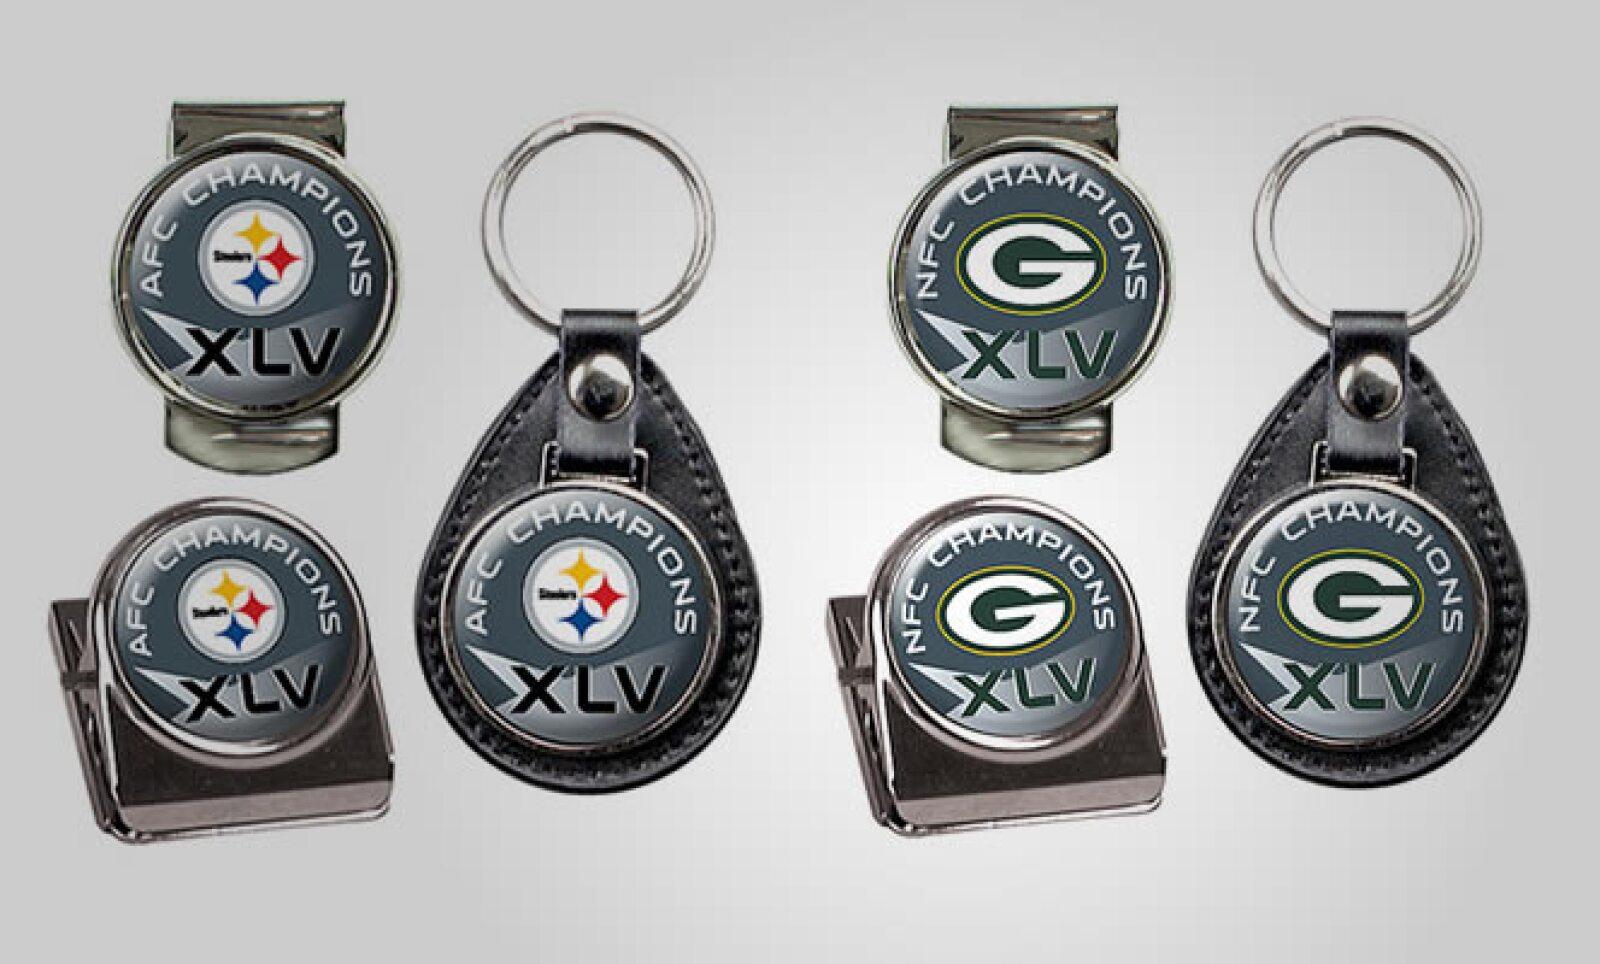 Lleva la pasión por tu equipo hasta en tu llavero, con esta serie de accesorios diseñados para los dos conjuntos. Precio: 24 dólares.  Todos los artículos están disponibles en el sitio www.nfl.com